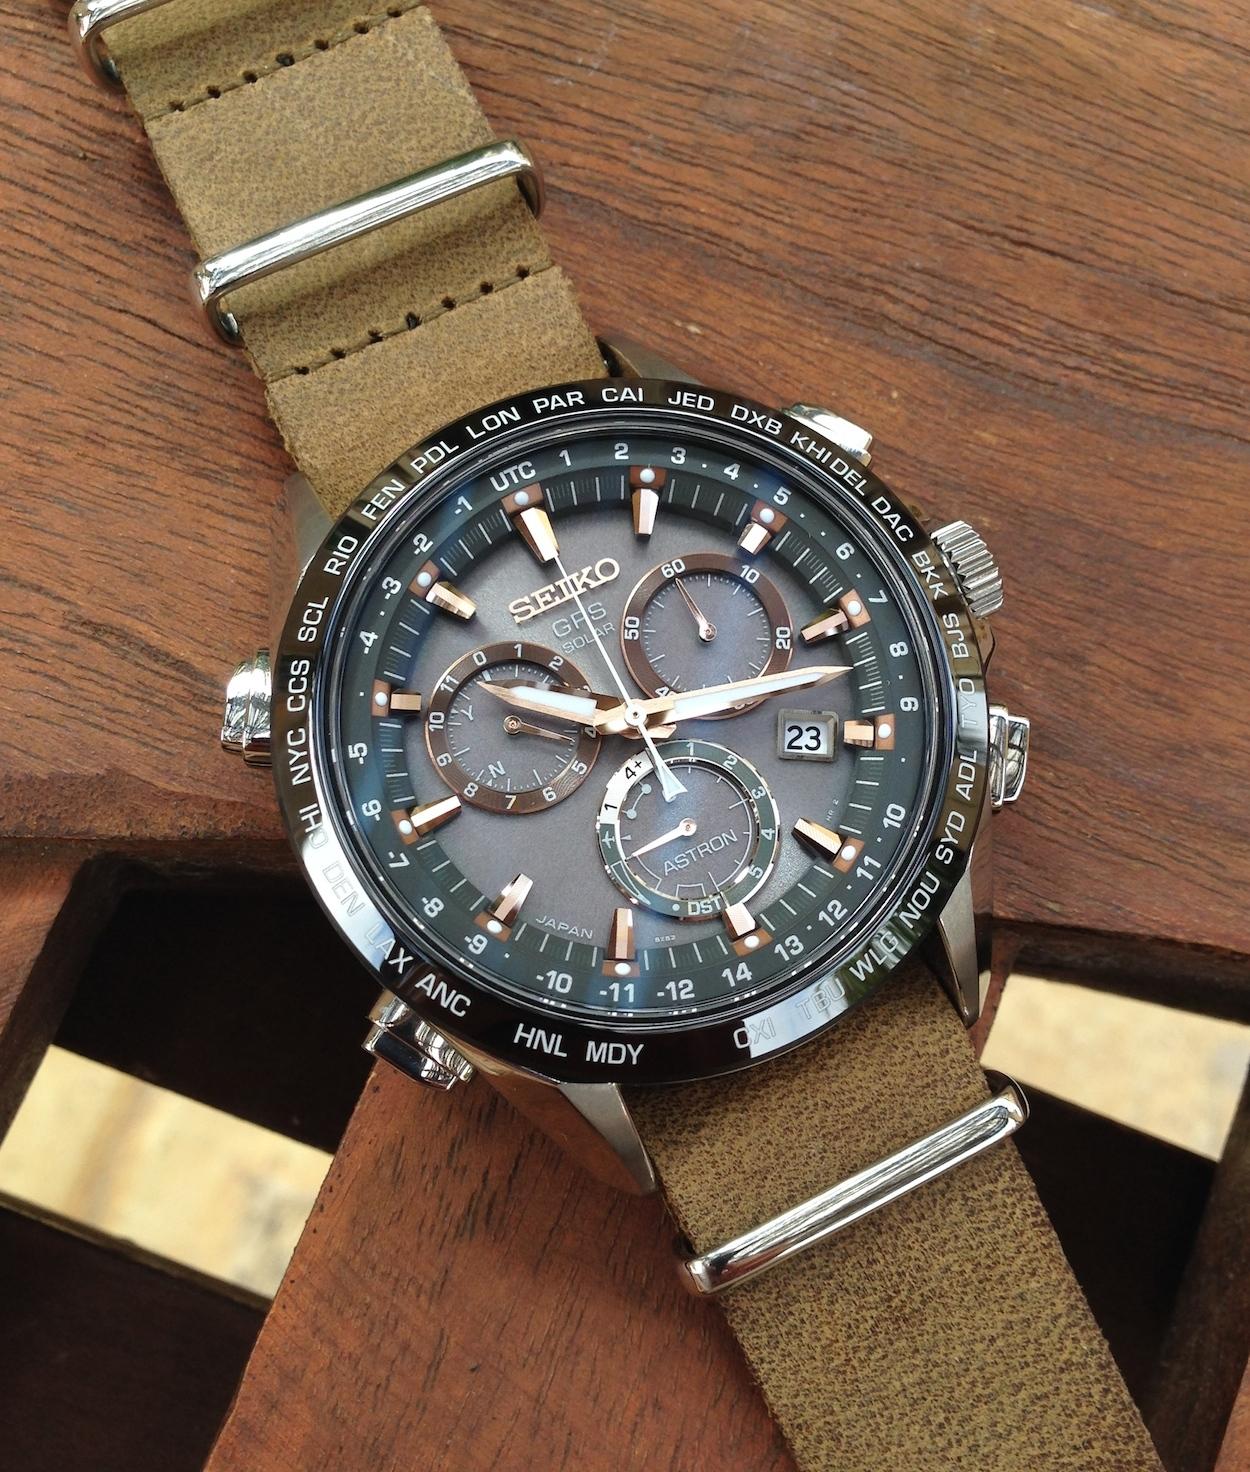 Seiko-Watches